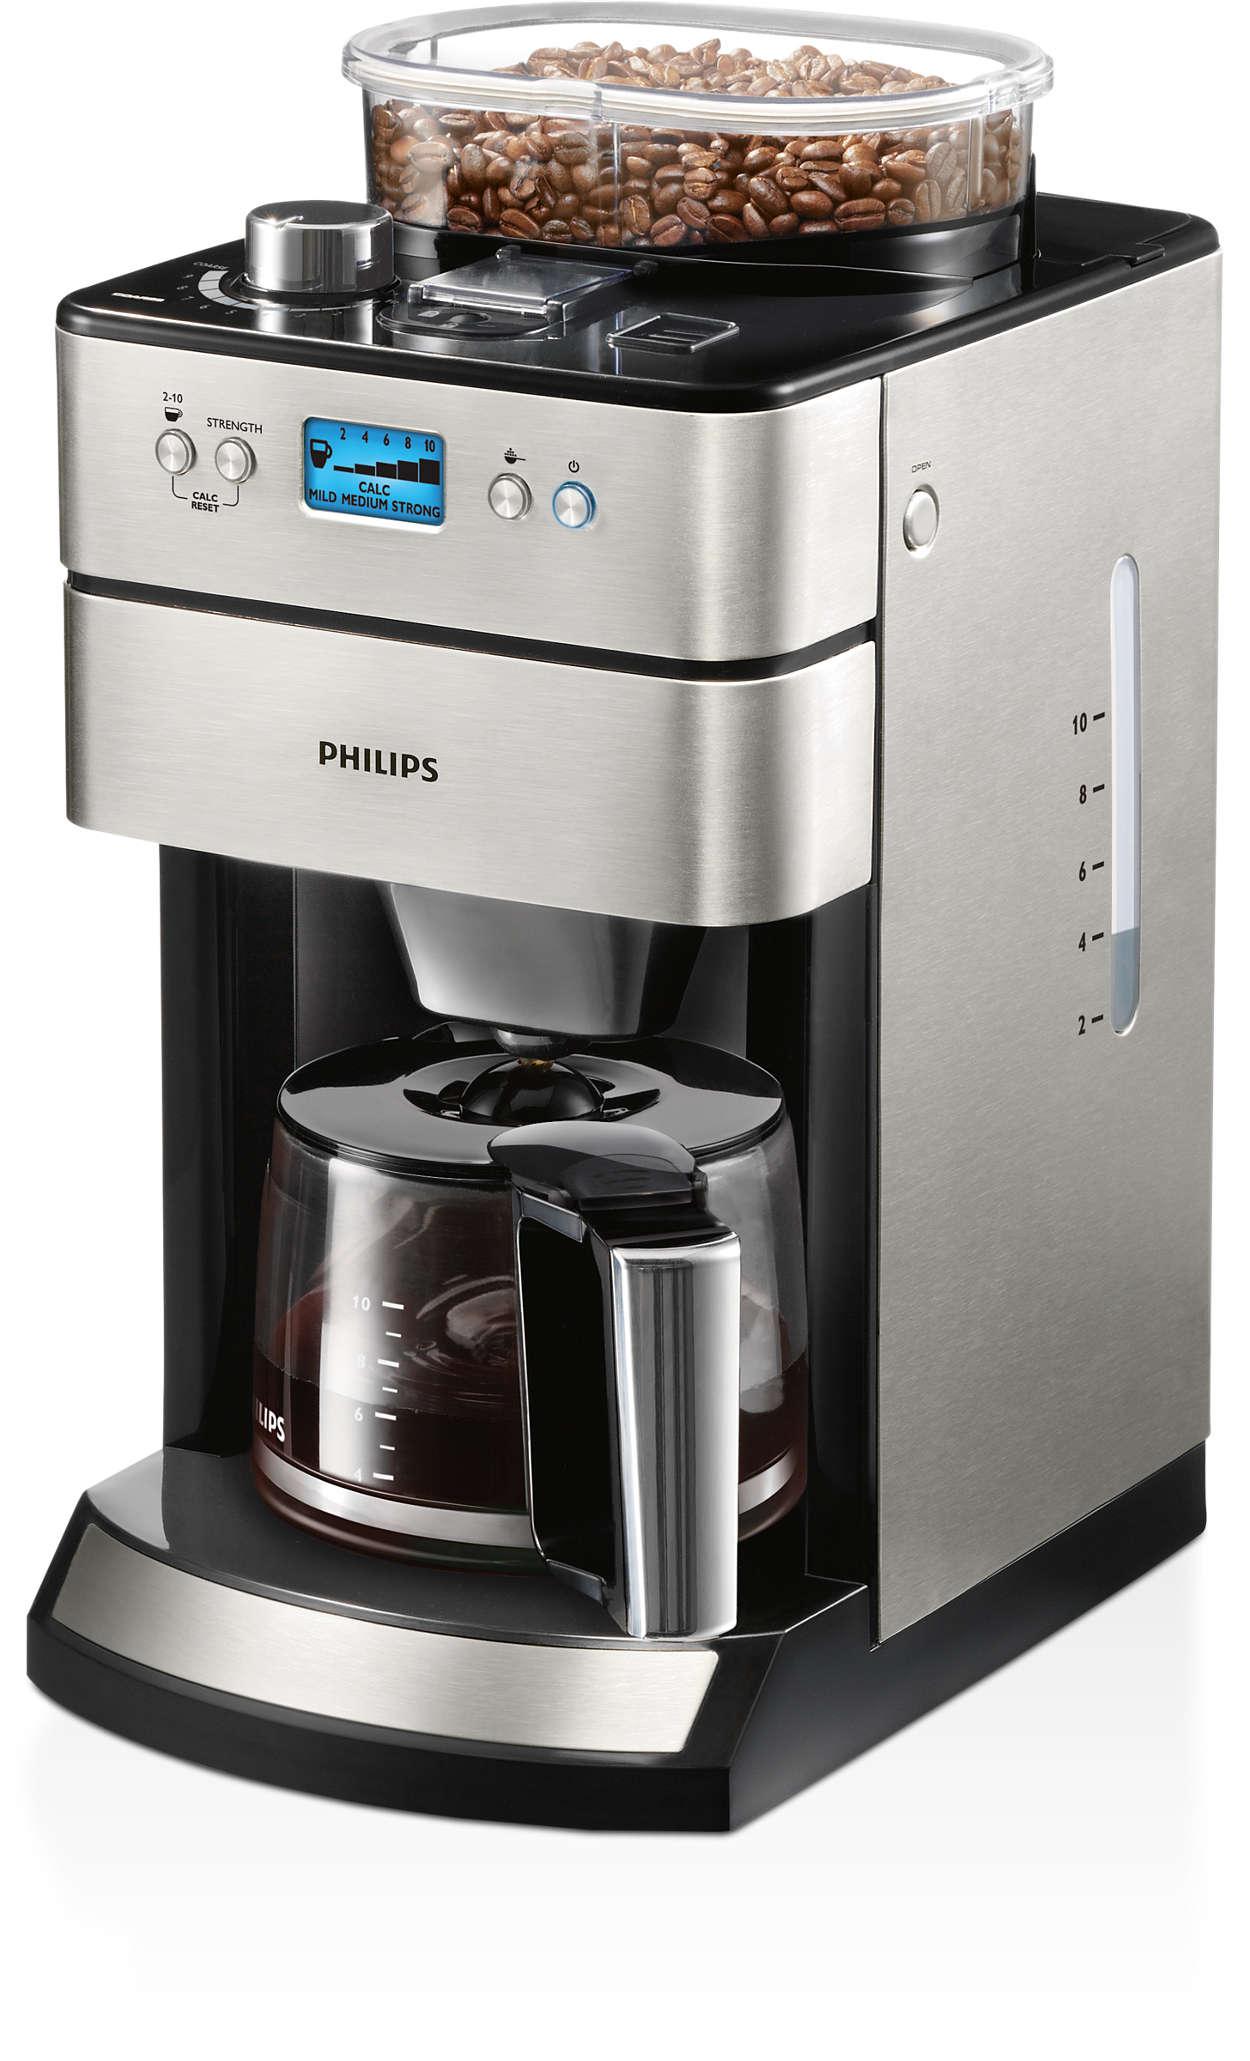 Mükemmel bir kahve için taze çekilmiş kahve çekirdeği gerekir